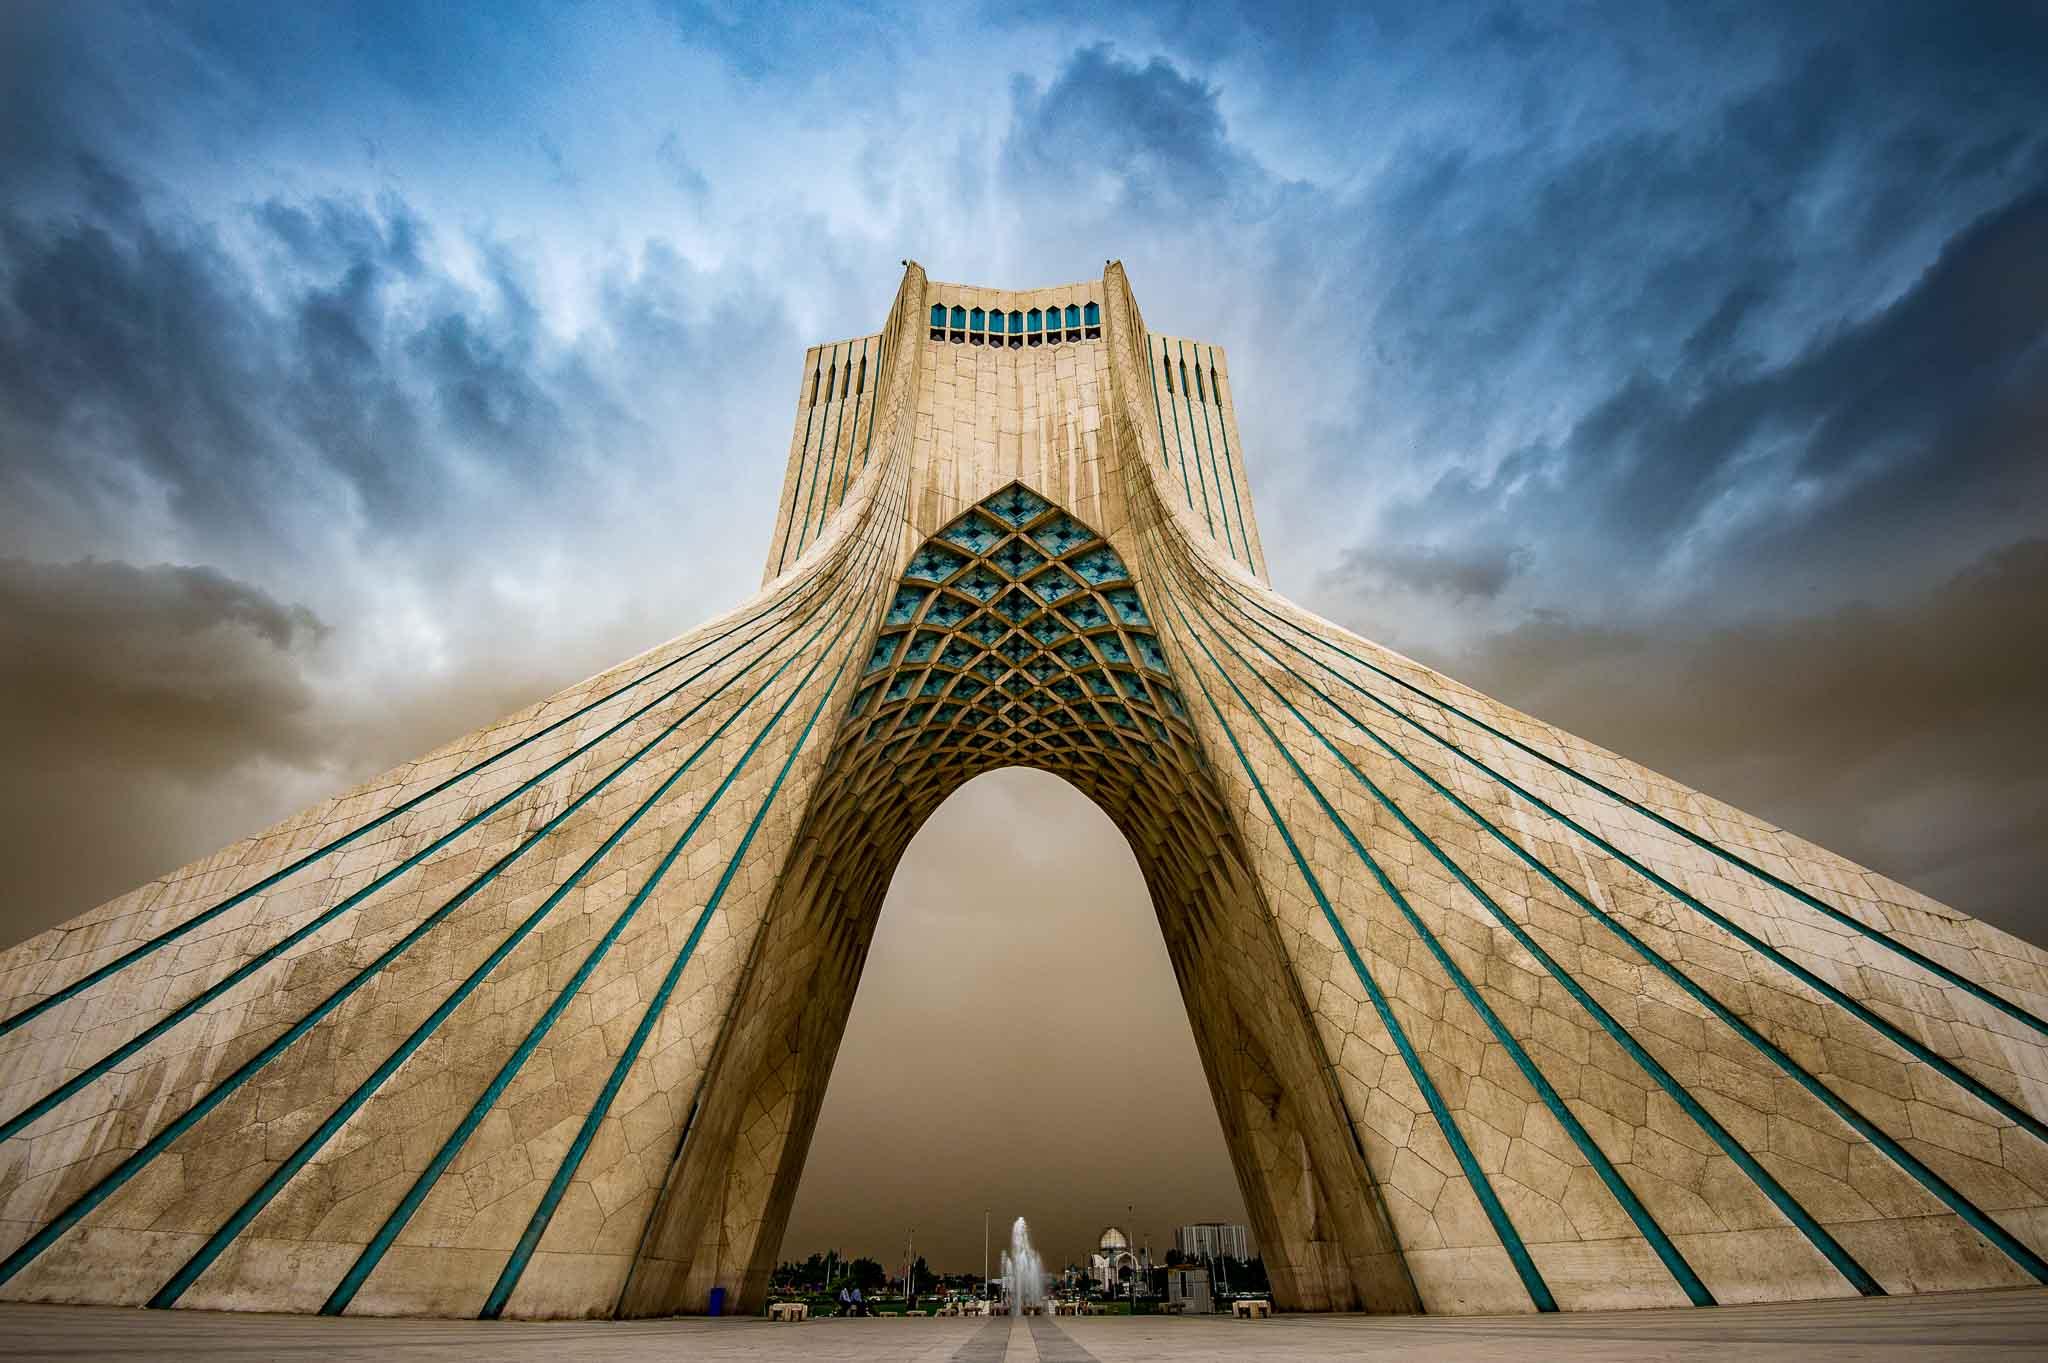 Fotoreise Iran: Azadi Tower in Teheran kurz vor einem Sandsturm